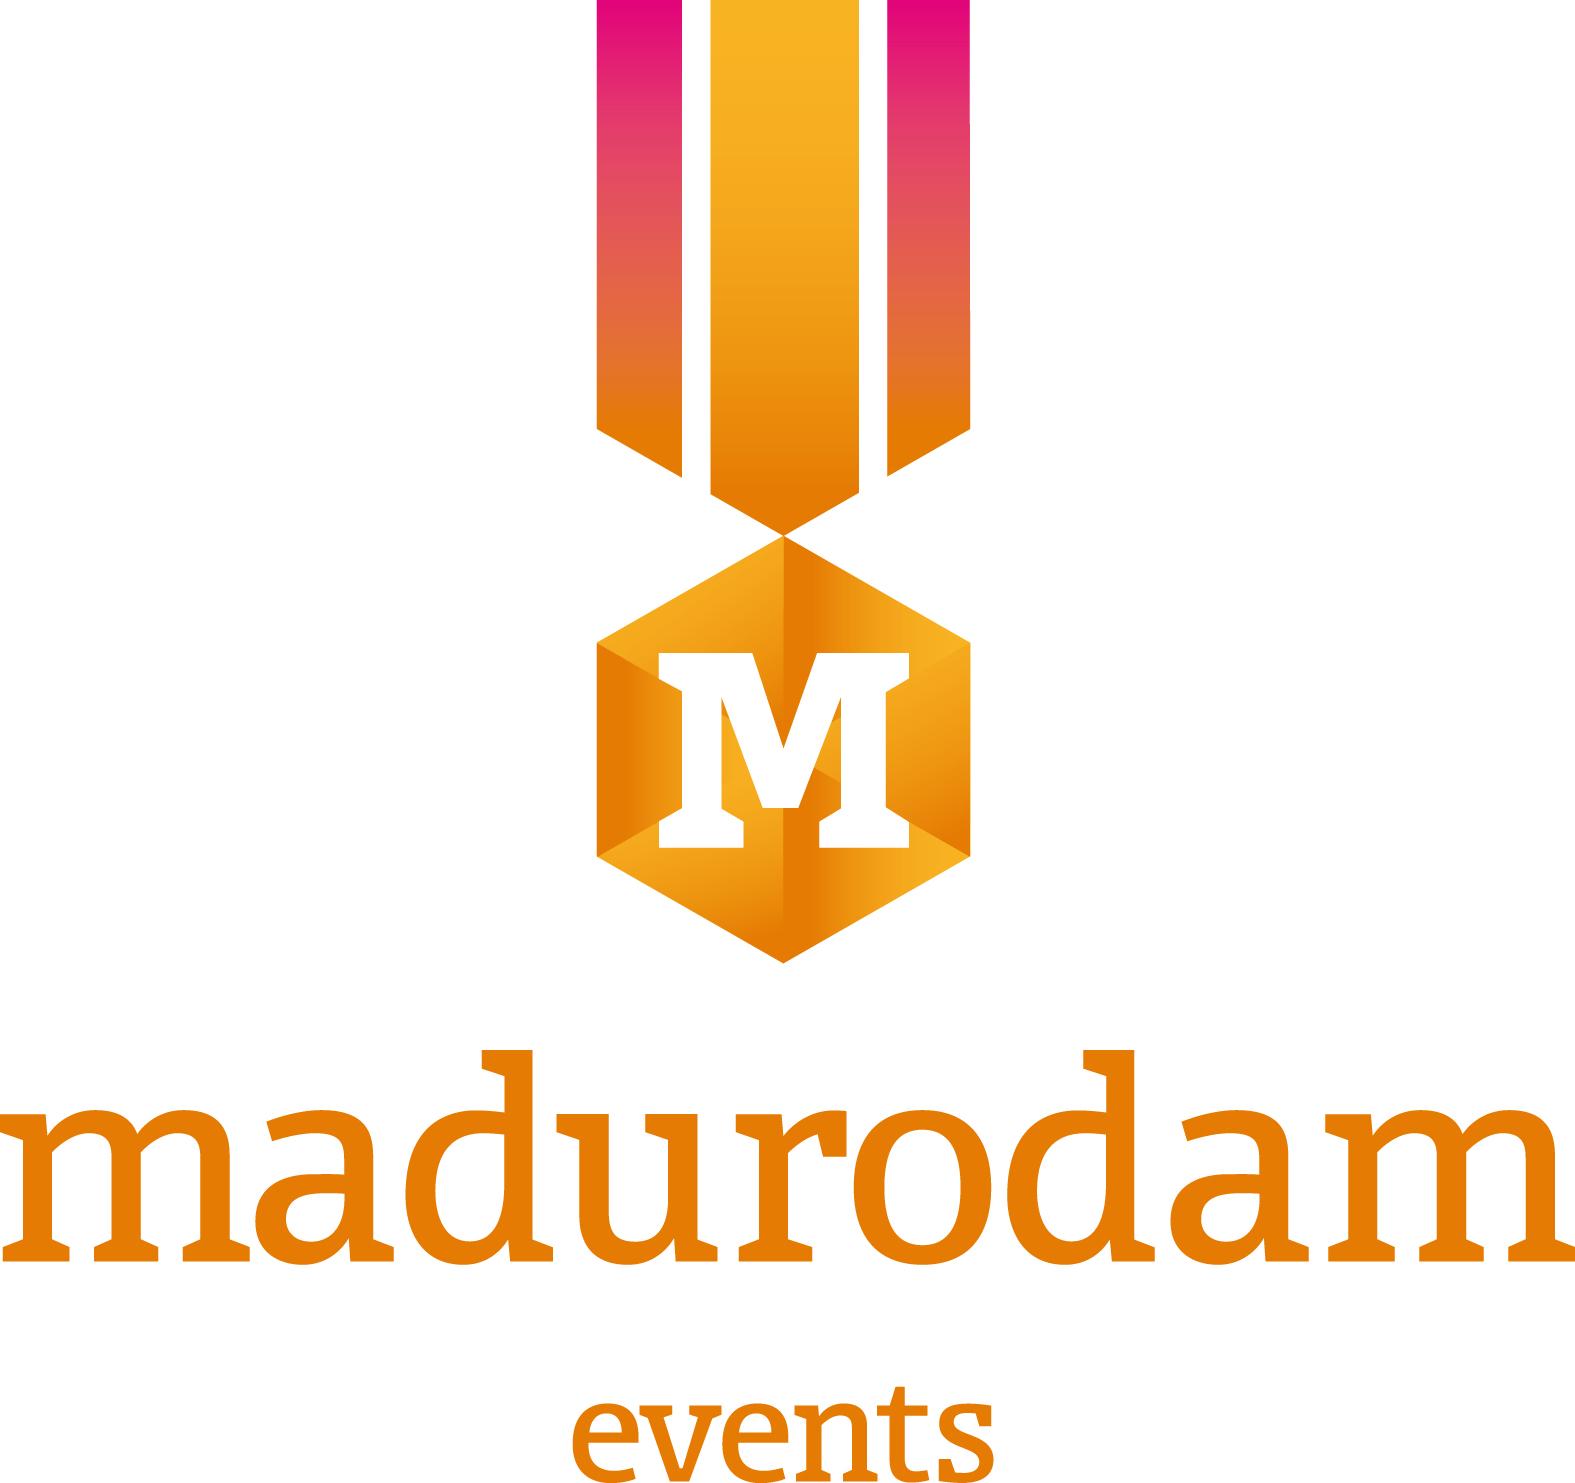 Madurodam Events - Een onvergetelijk evenement organiseren met uitzicht over heel Nederland? Dat kan bij Madurodam Events